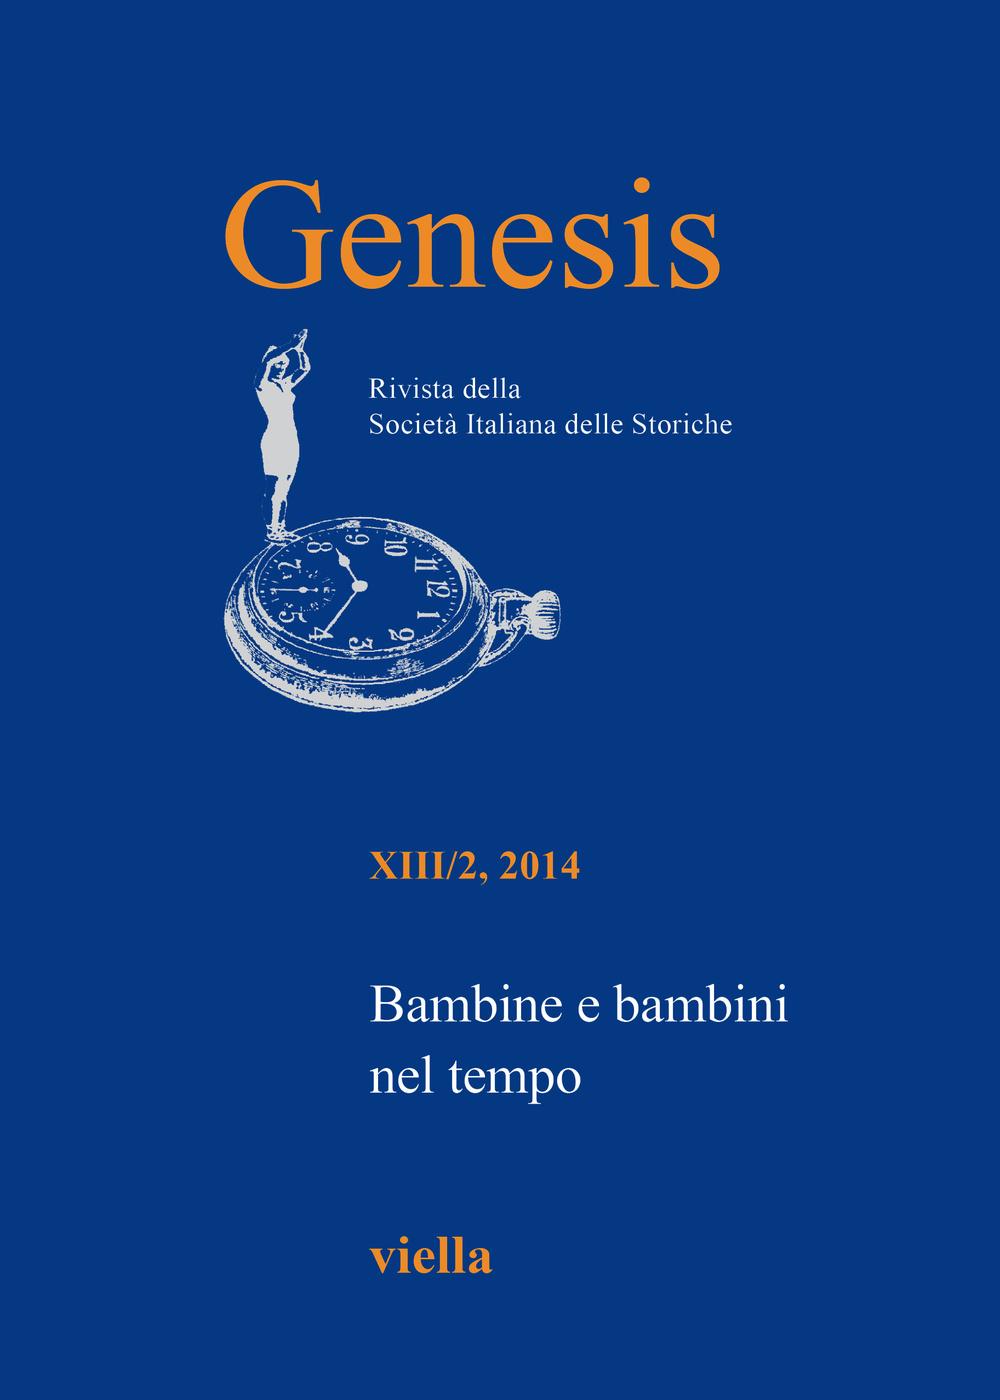 GENESIS. RIVISTA DELLA SOCIETÀ ITALIANA DELLE STORICHE (2014) - 9788867283941